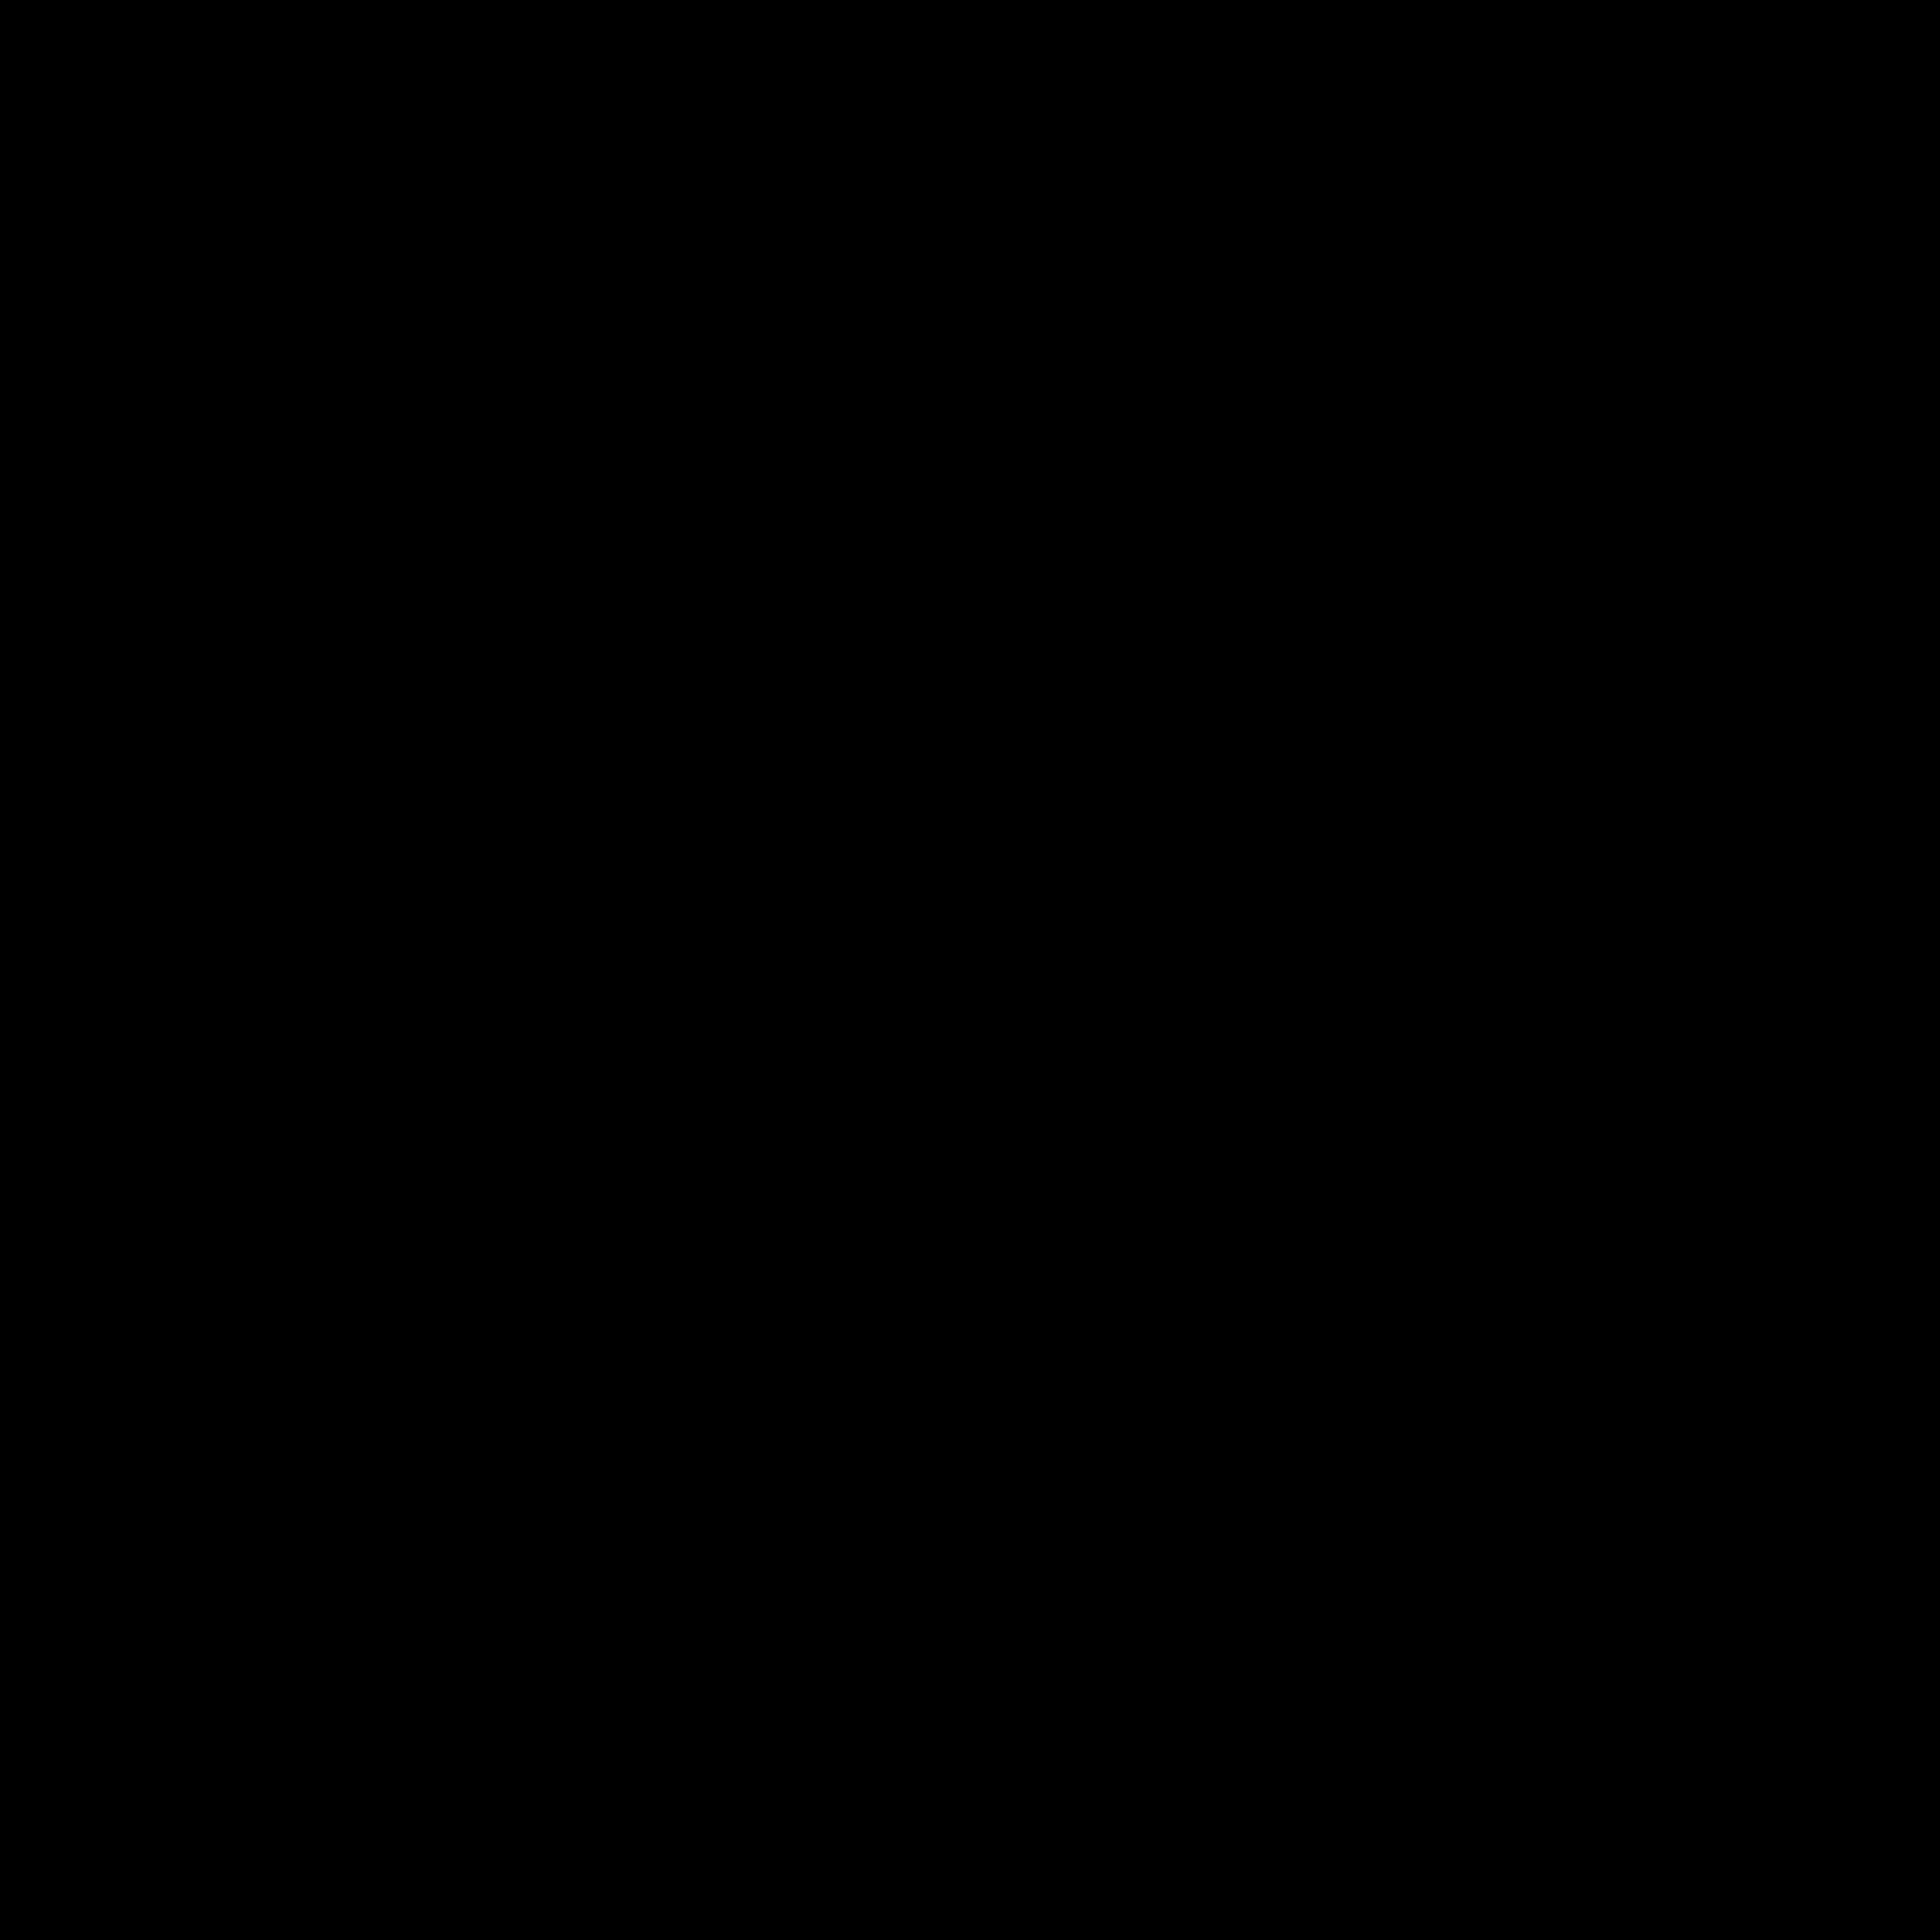 #ropesandshackles by Sharon Edwards